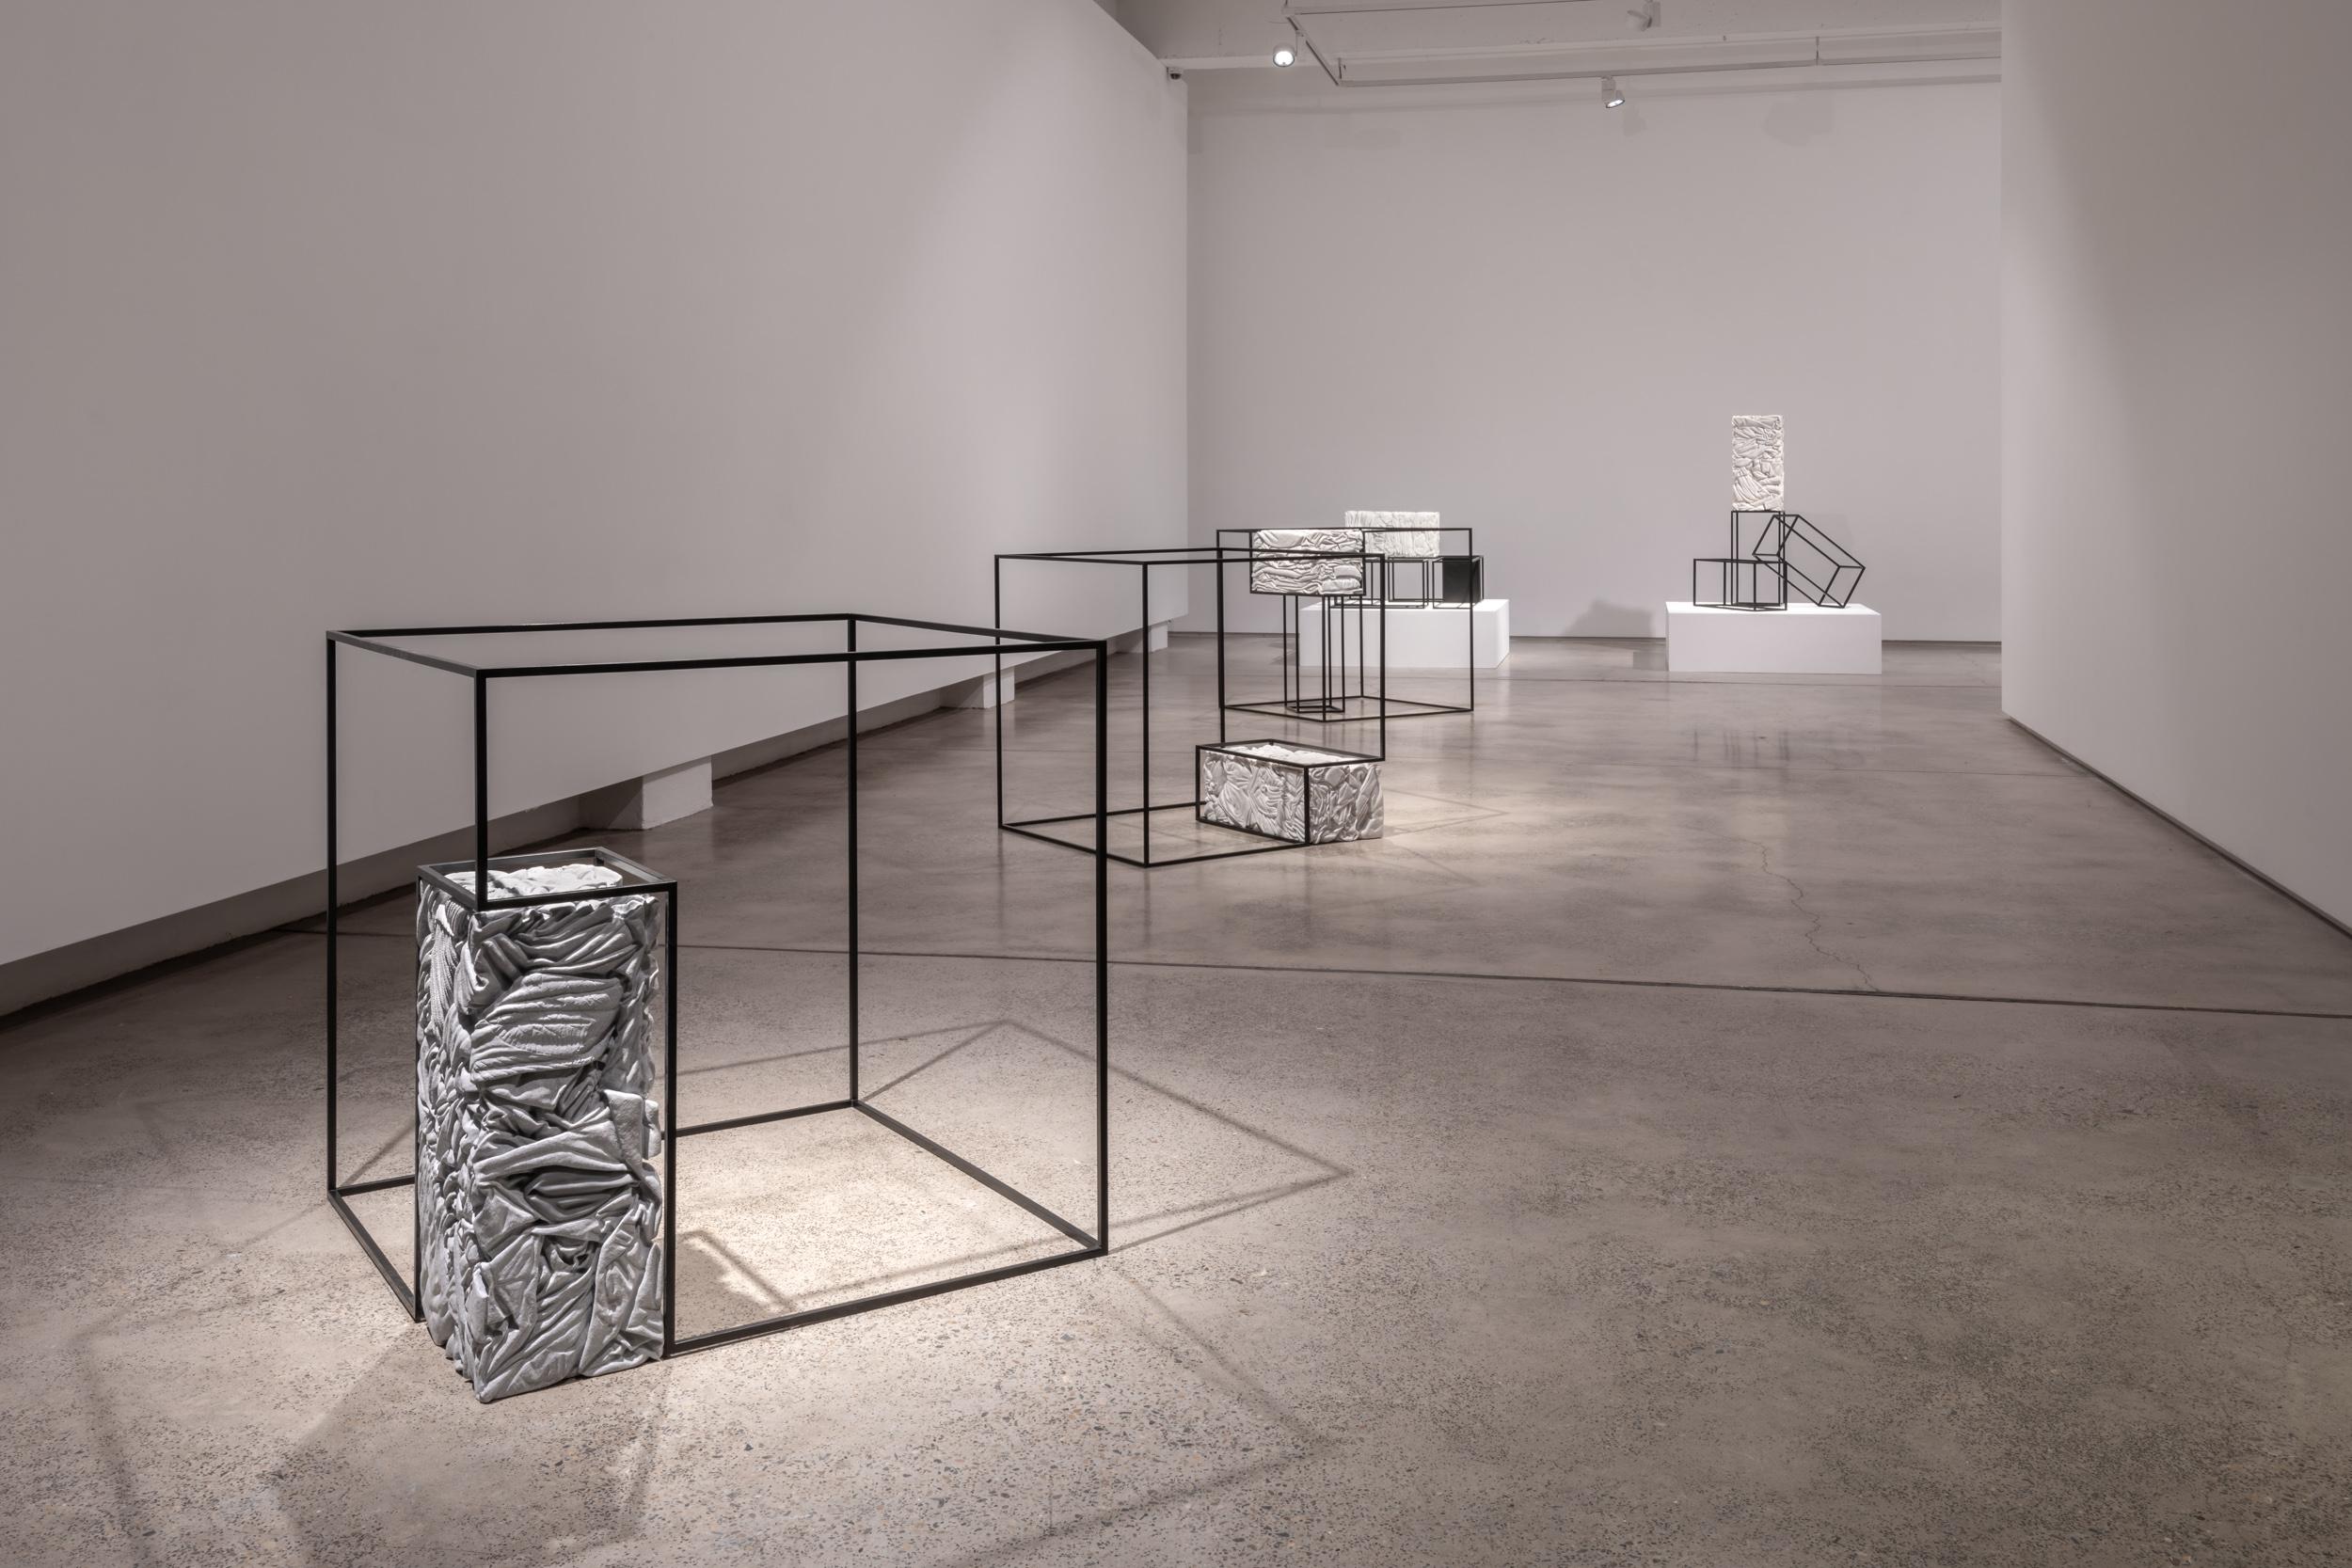 Alex Seton_Cargo_2018_Installation_002.jpg